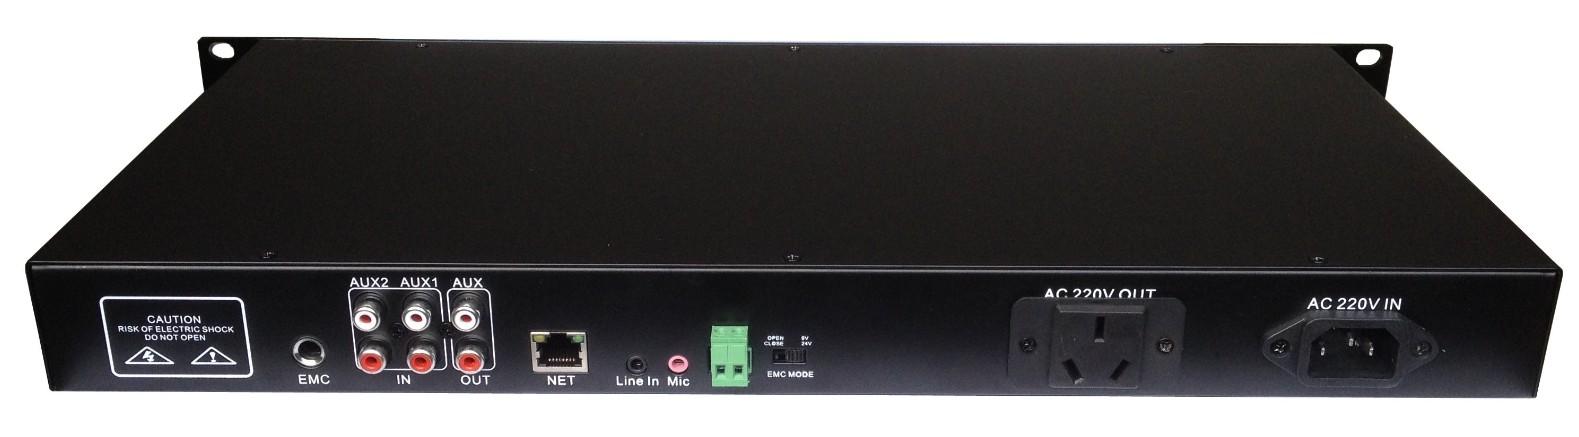 基于ARM+DSP架构  提供固件在线远程升级  标准RJ45网络接口,支持跨网段、跨路由器  支持一路立体声线路输出  支持两路本地音源输入、一路MIC音源输入  配备7个功能旋钮,调控设备工作状态  提供一路1000W受控电源接口,控制后级功放电源  后级受控电源提供自动、手动、强切三种开启模式  可以使用ip地址、编号、地址薄搜索等功能  具有三级优先:MIC > 网络 > 本地  实现本地广播、网络广播  金属外壳